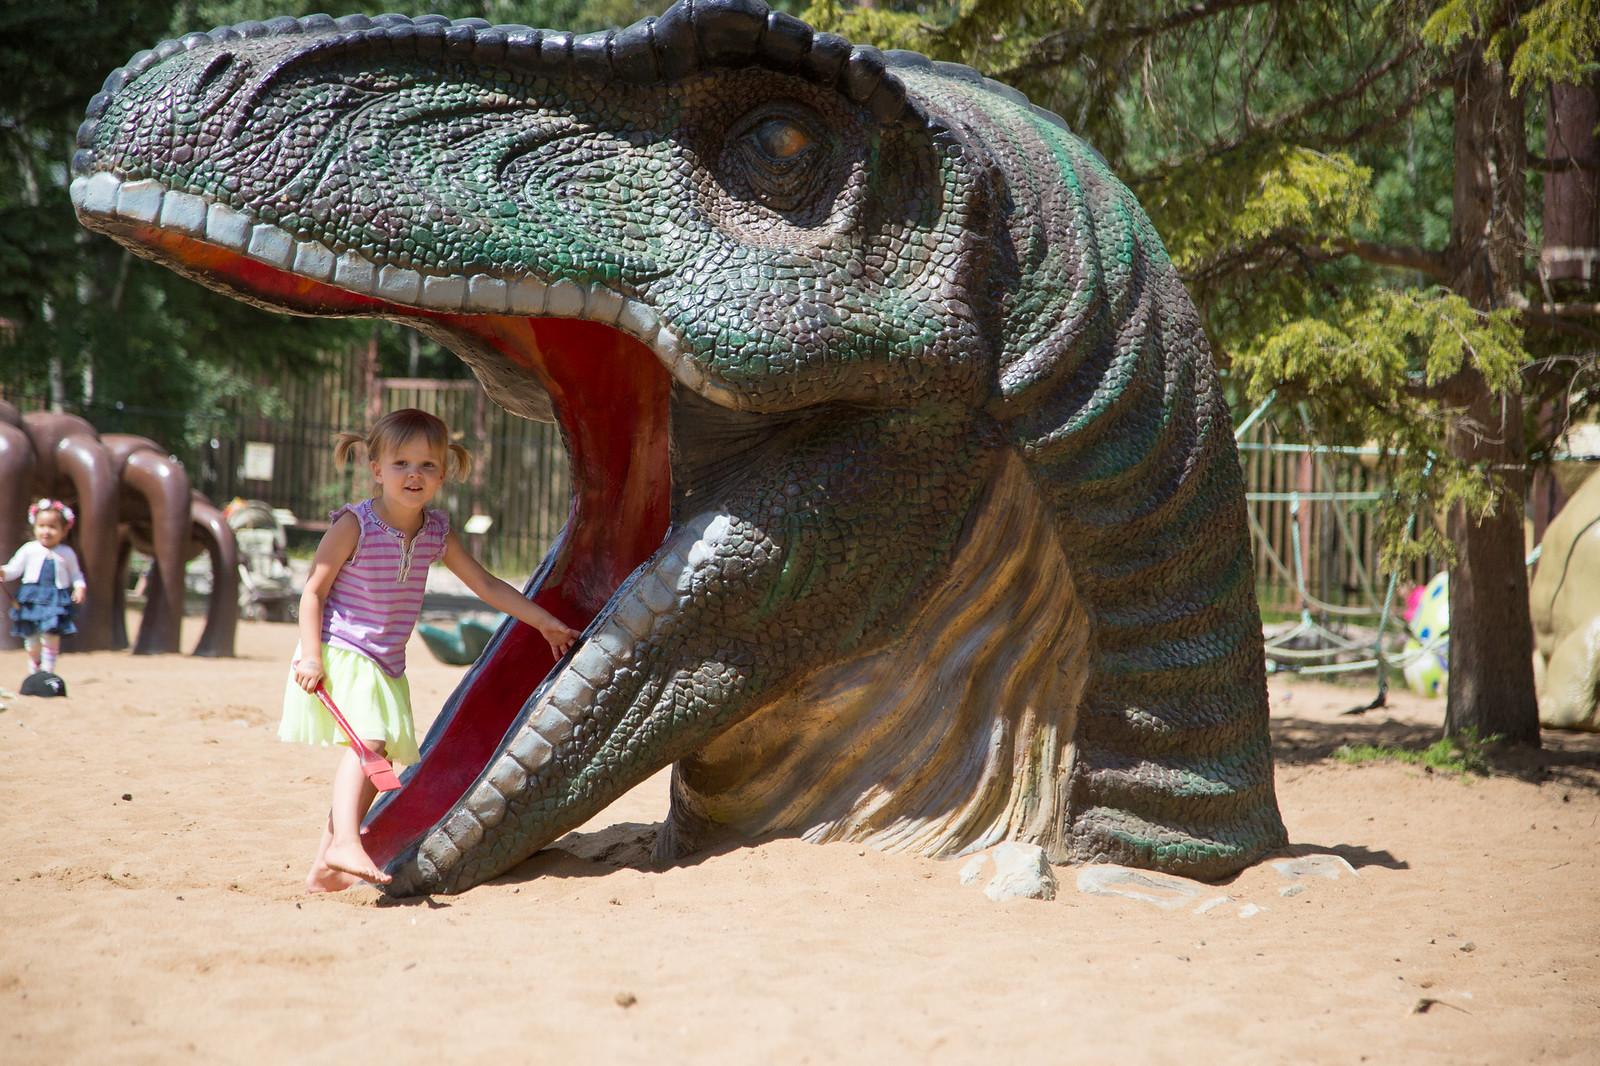 2015-06-19 Jurassic Forest-8932.jpg